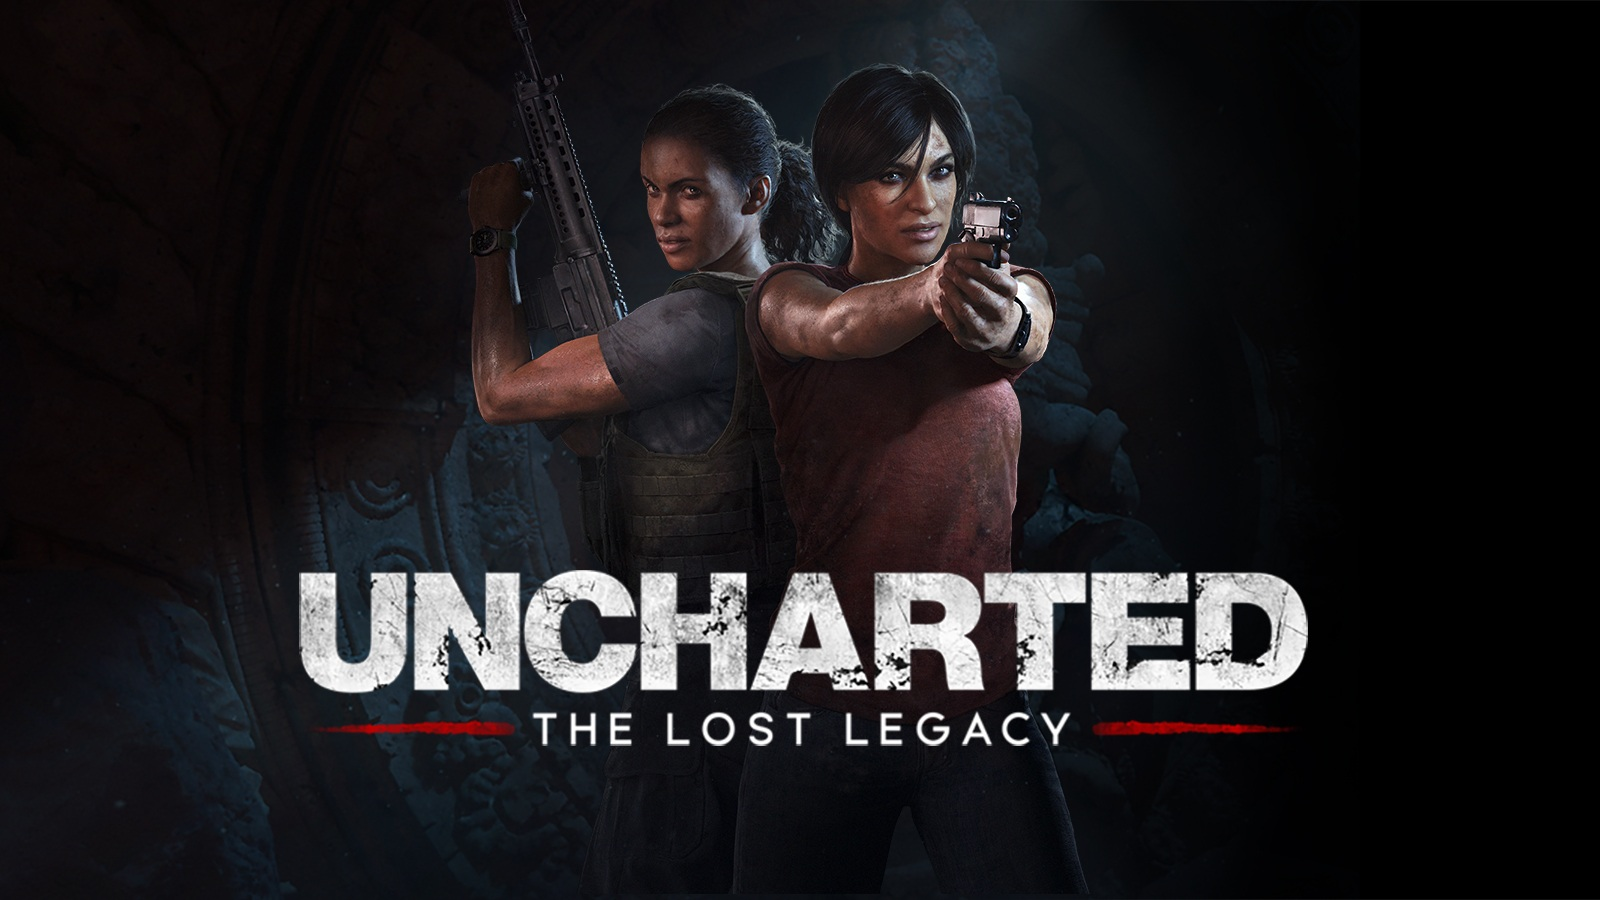 تصاویر ۴K زیبایی از عنوان Uncharted: The Lost Legacy منتشر شد | از منطقهای وسیع نیز رونمایی شد